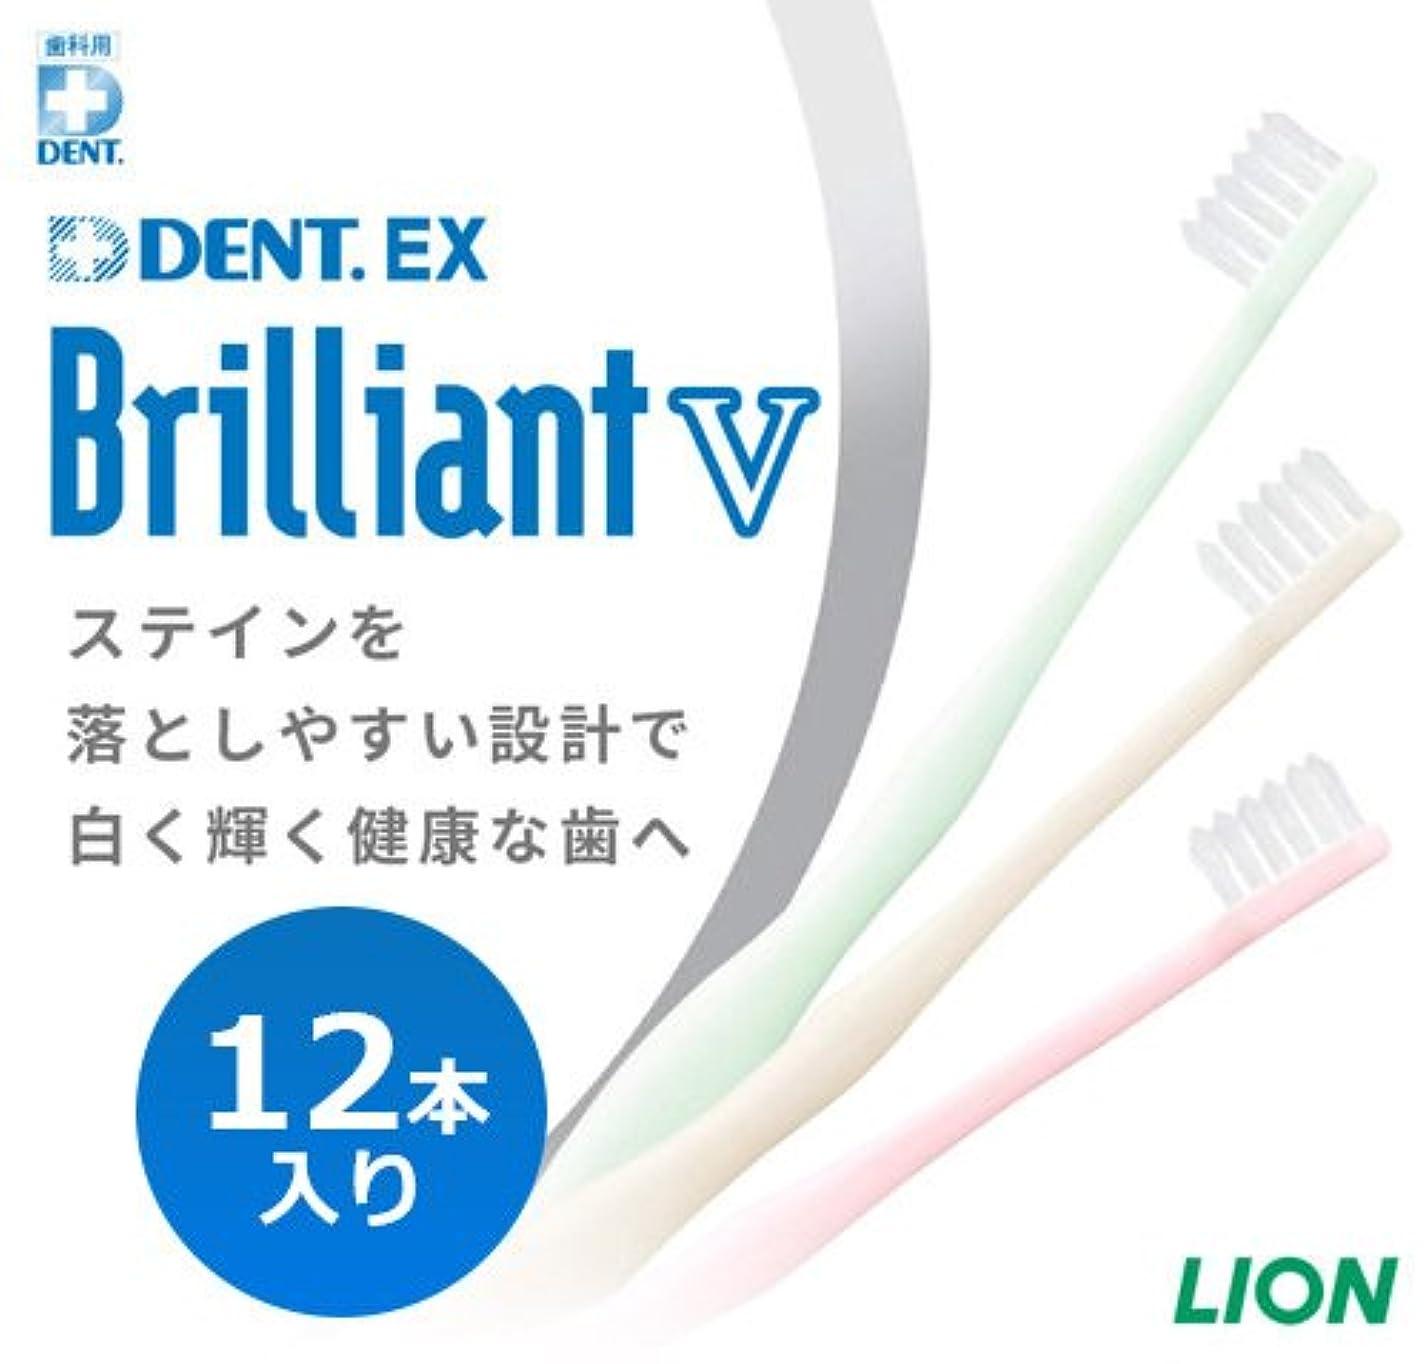 陰気統治する怒るライオン DENT.EX ブリリアント V 歯ブラシ 12本